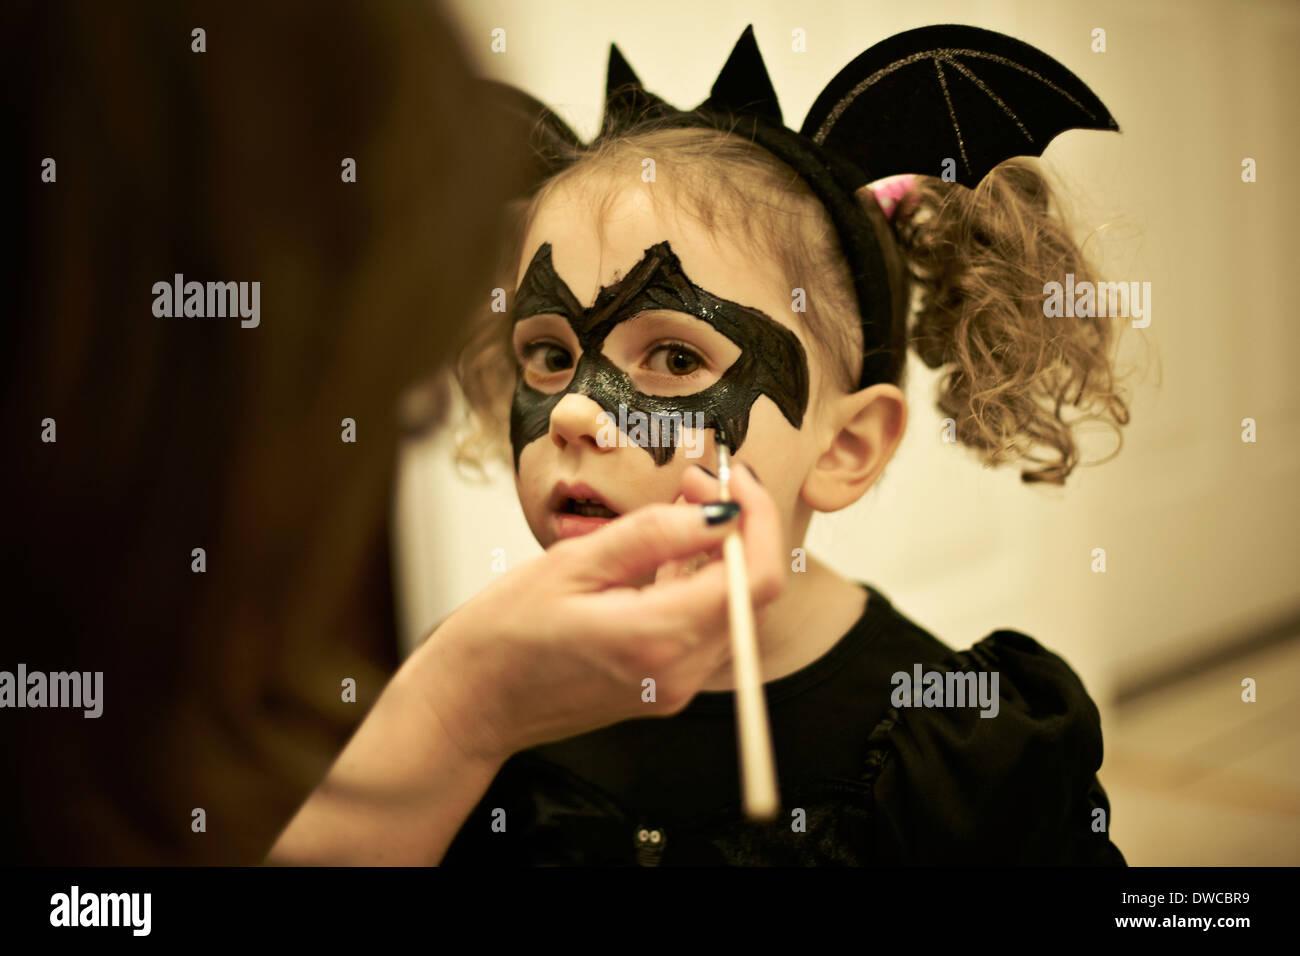 Pittura madre figlie volto per halloween costume bat Immagini Stock